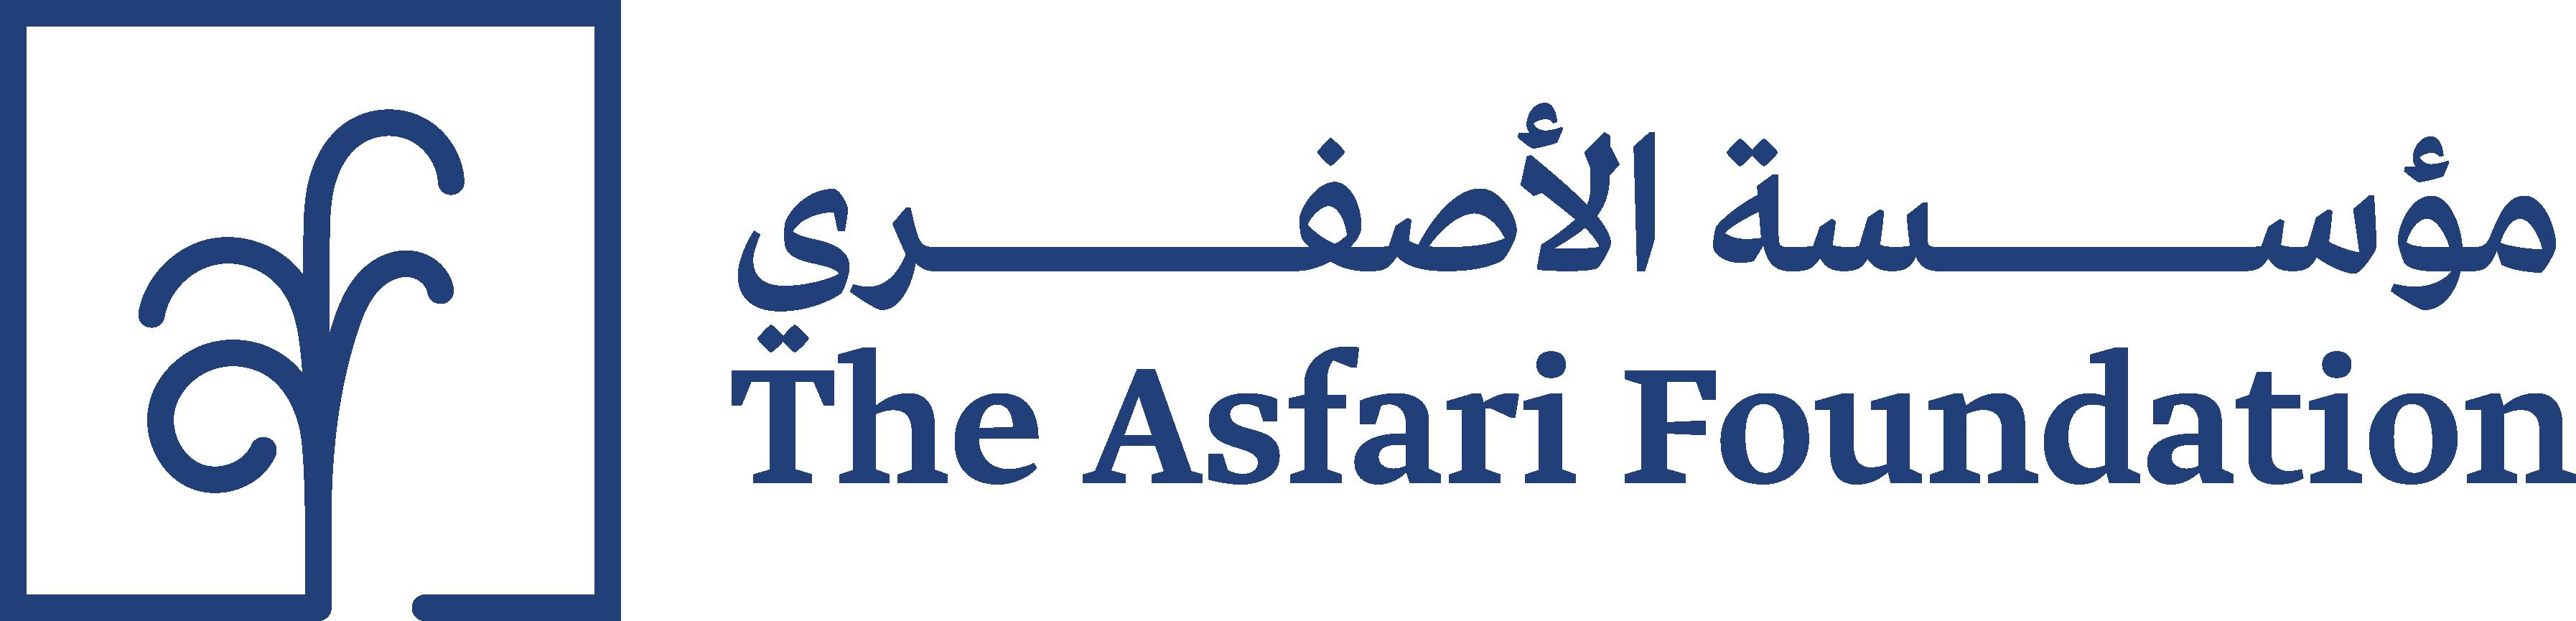 Asfari